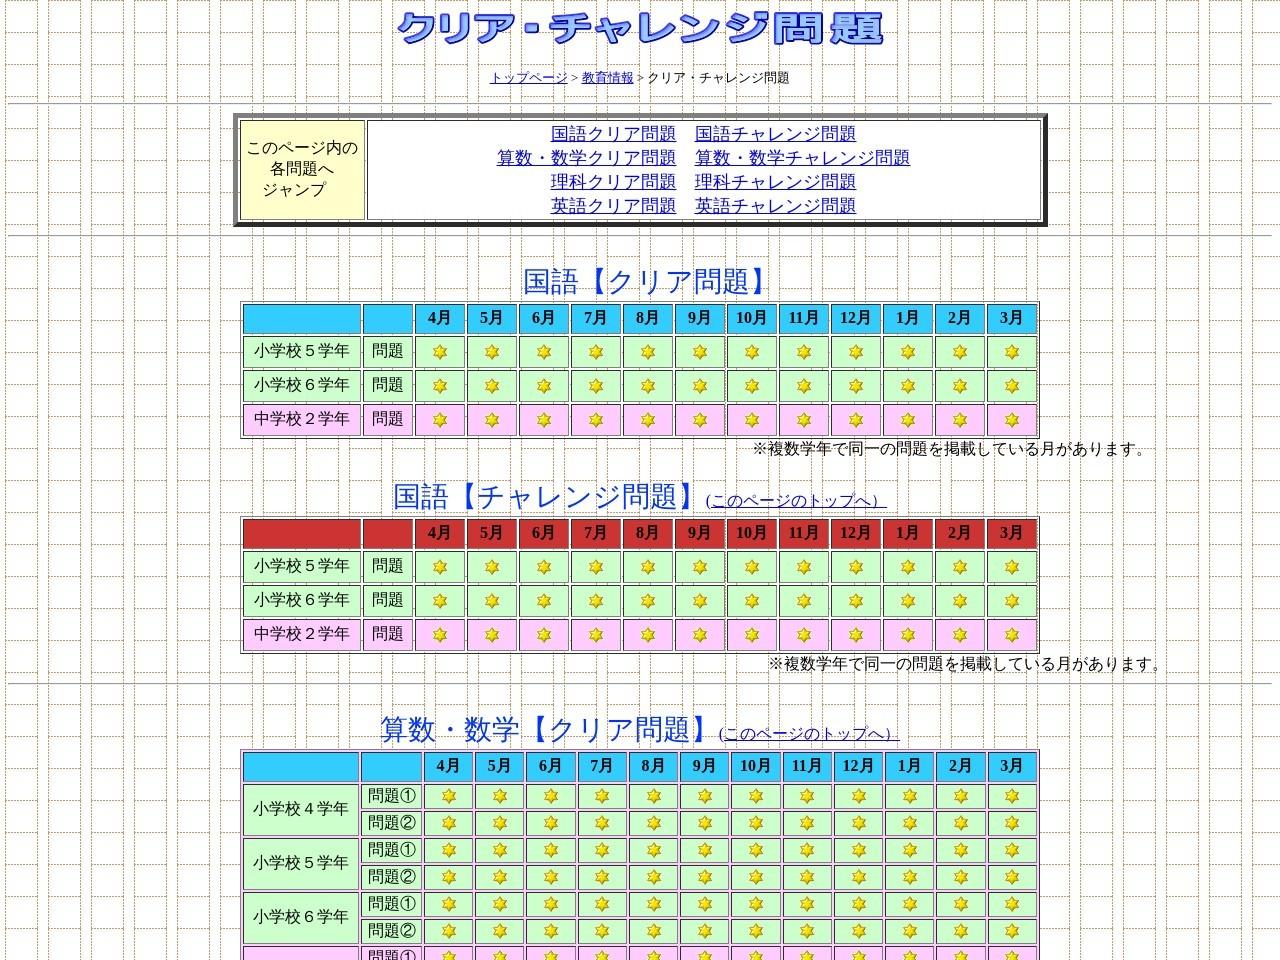 クリア・チャレンジ問題(長野県総合教育センター)